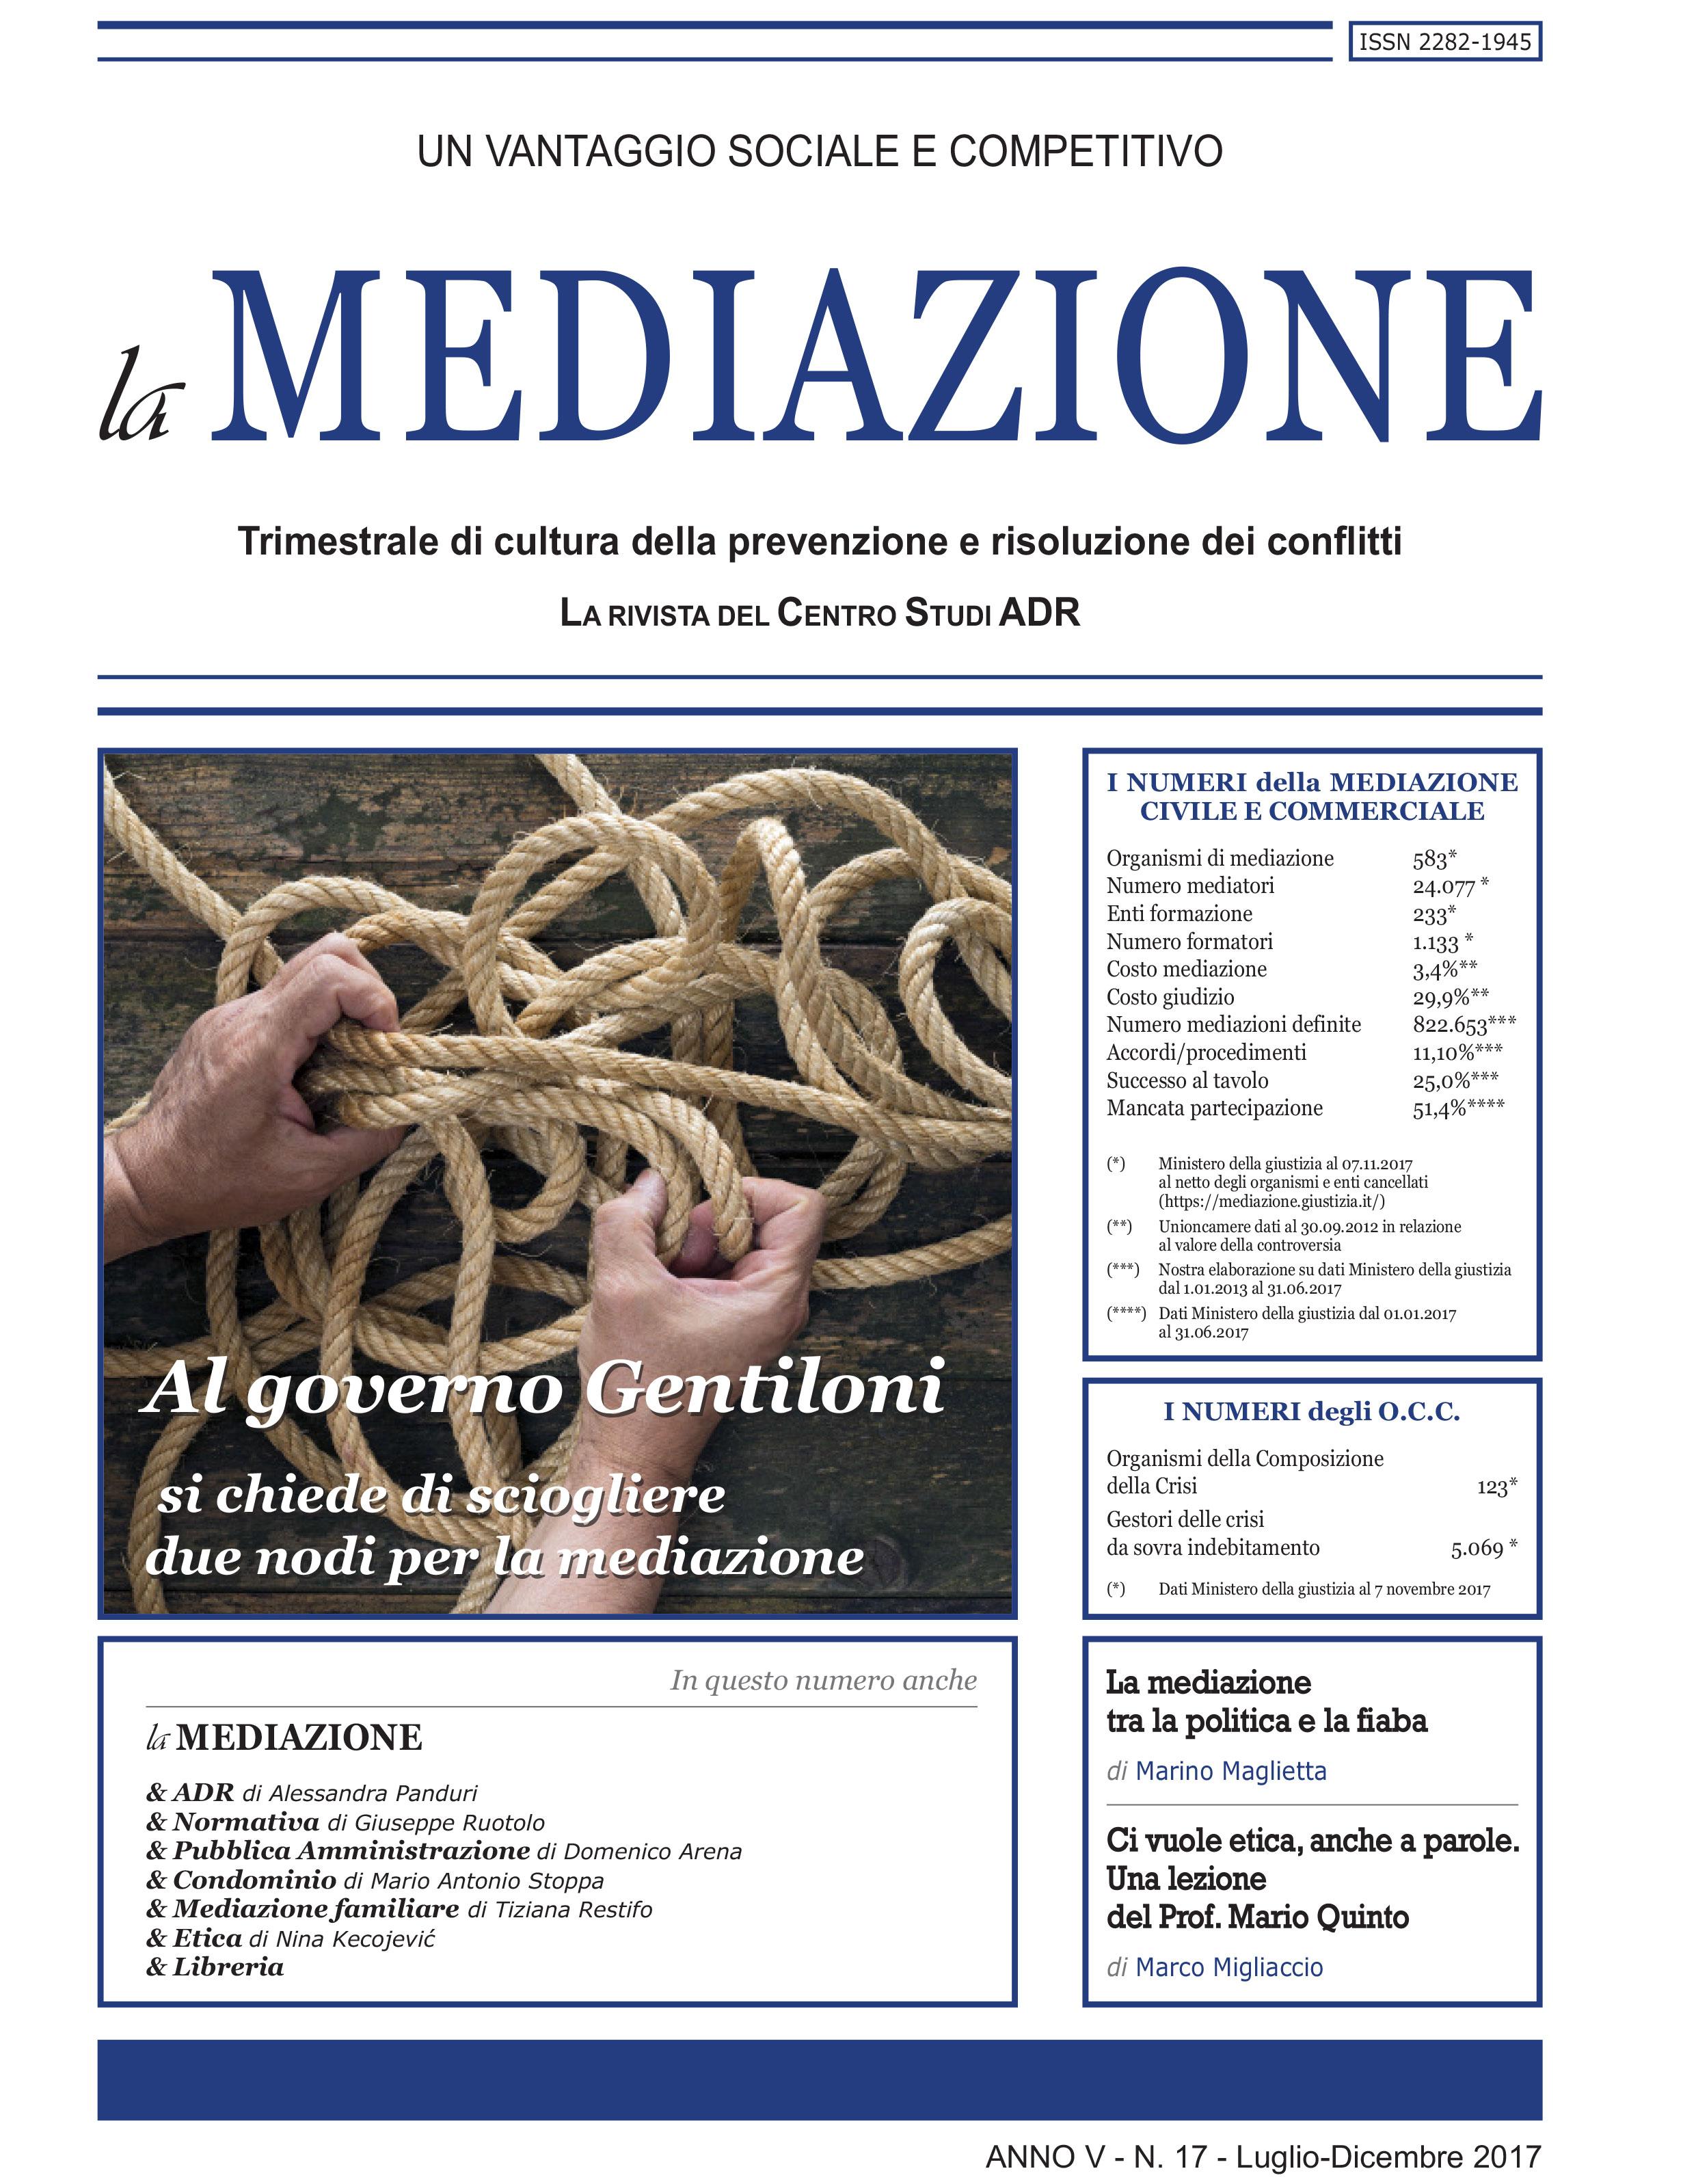 Al governo Gentiloni si chiede di sciogliere 2 nodi per la mediazione di Marco Ceino